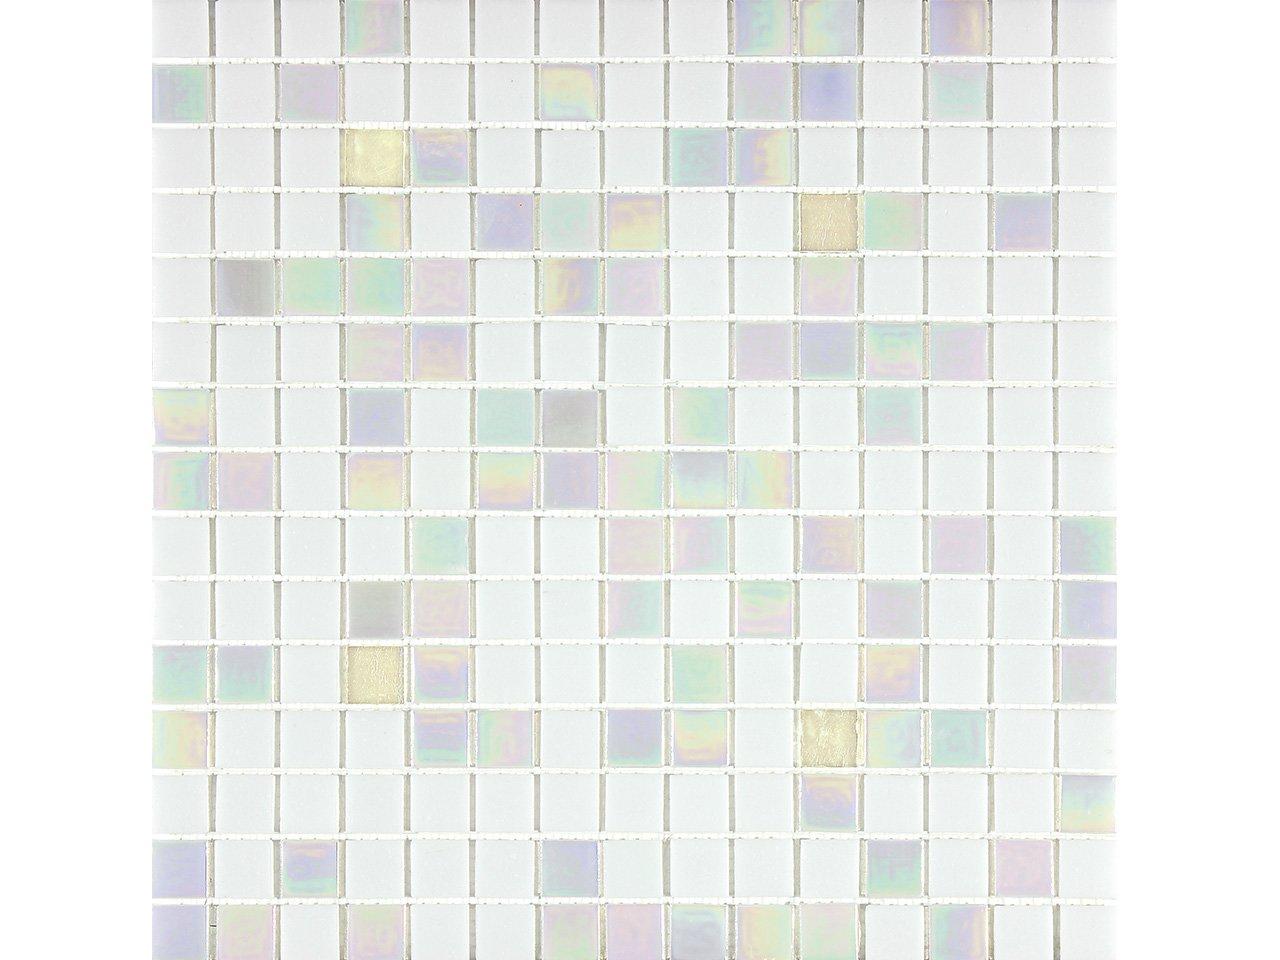 Mos vetro islanda iperceramica - Mosaico vetro bagno ...